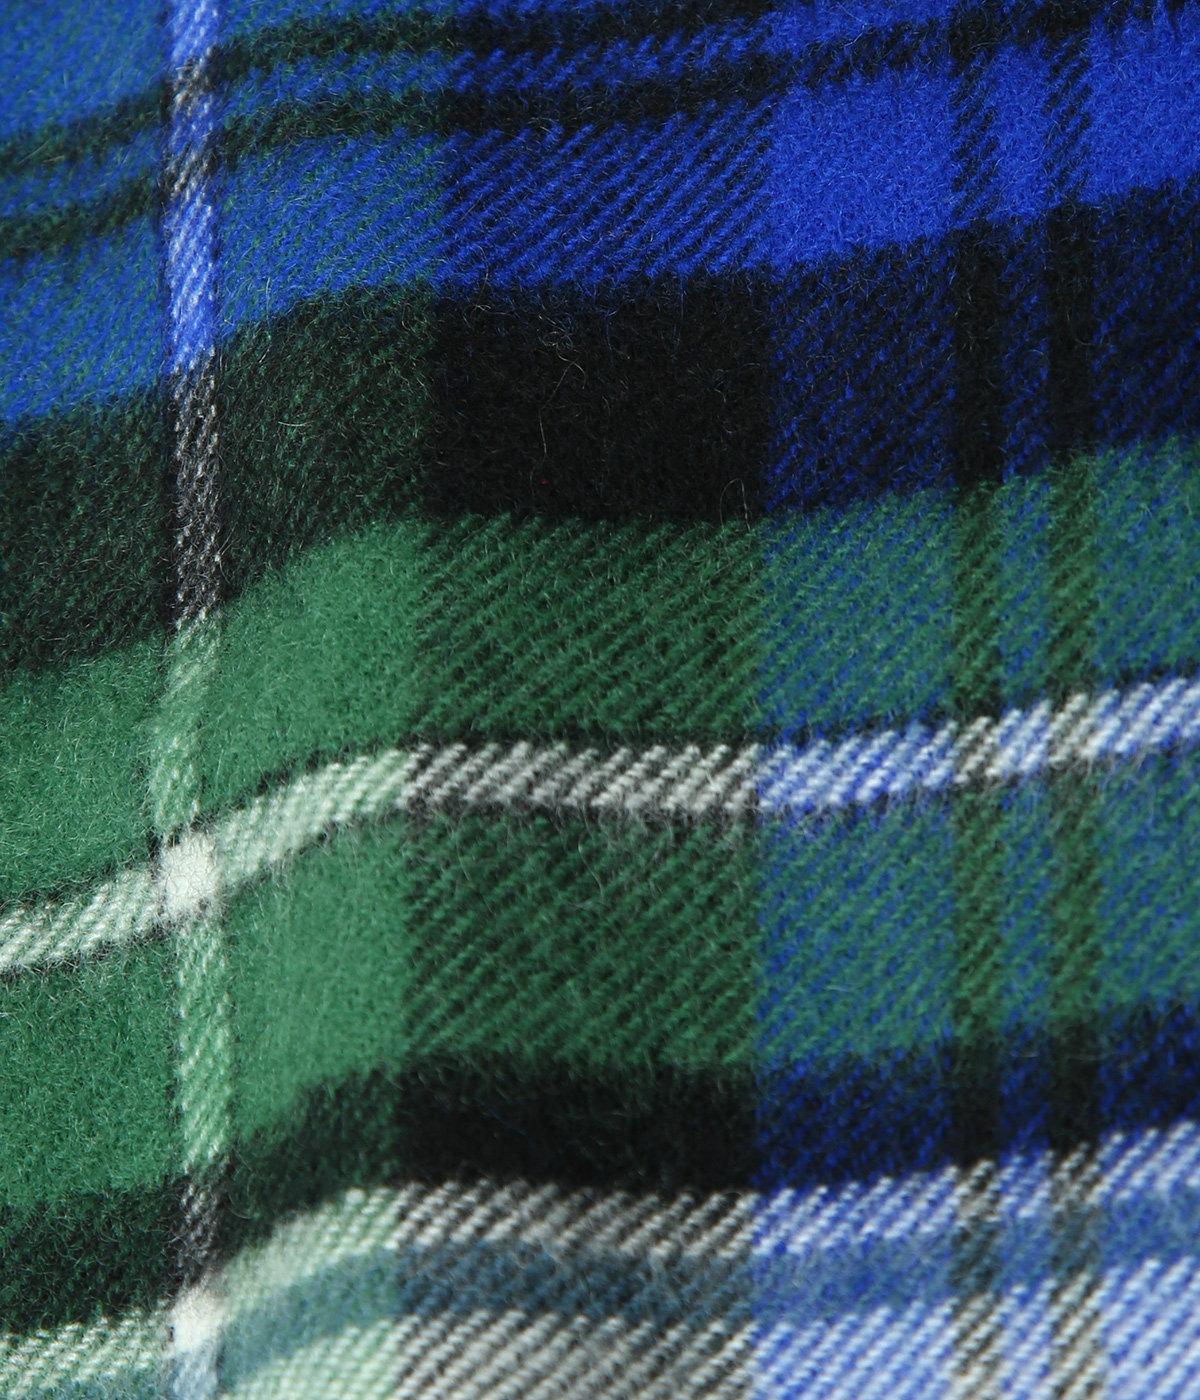 【レディース】<CASHMERE STOLES (190cm×70cm)>-GREEN×BLUE-